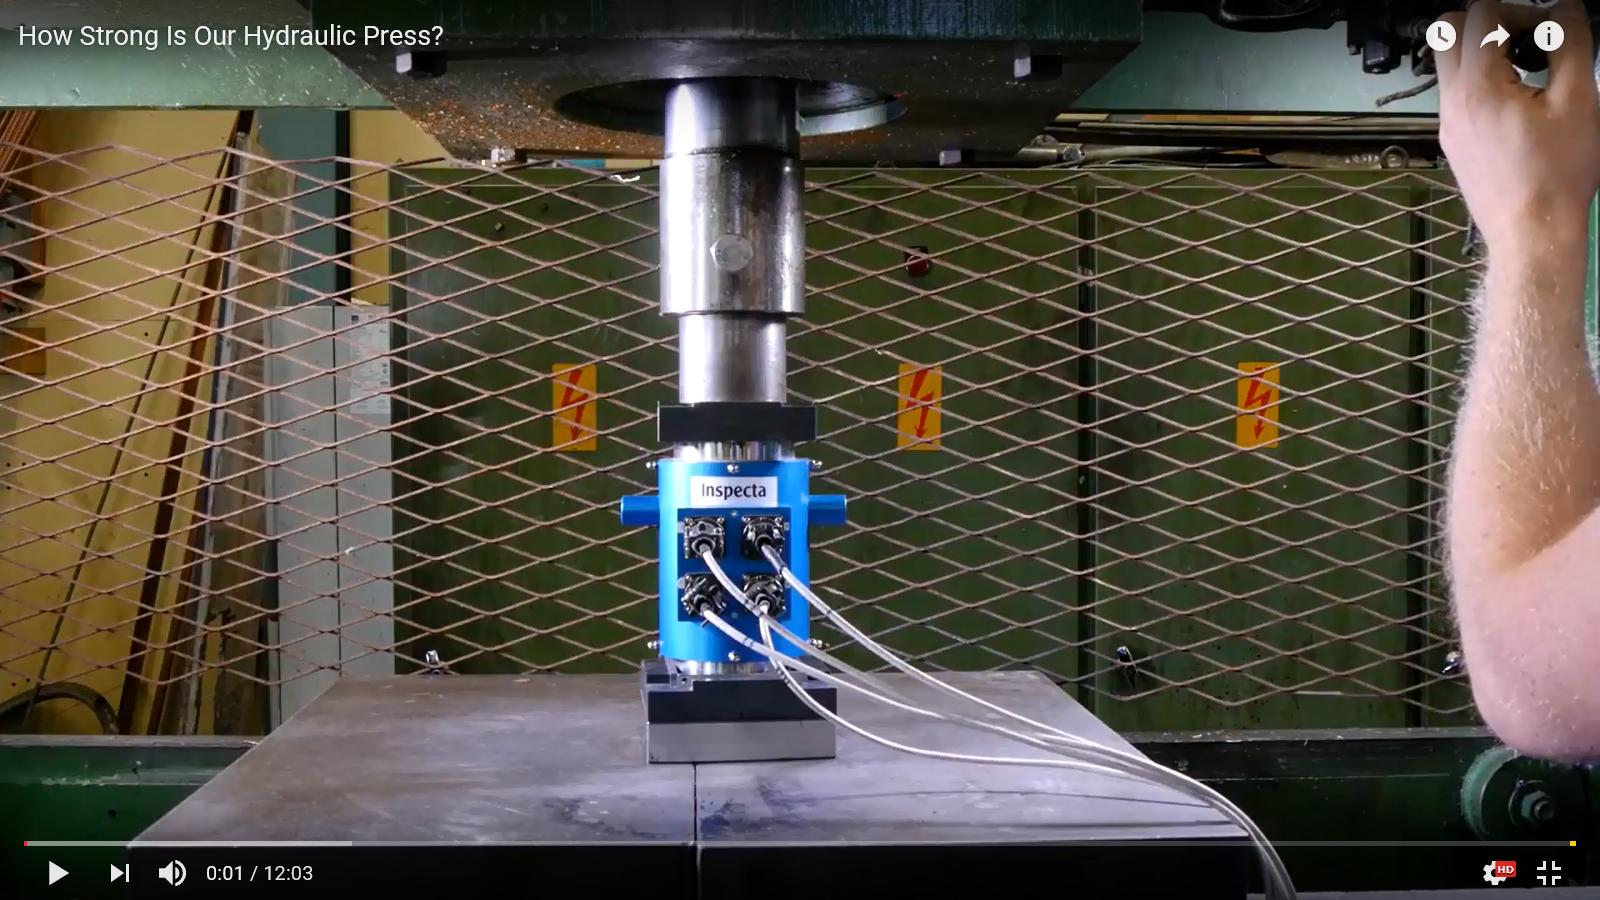 Press Channelin videolla mitataan kuinka suurella voimalla Press Channelin voimalaite murskaa tavaroita.